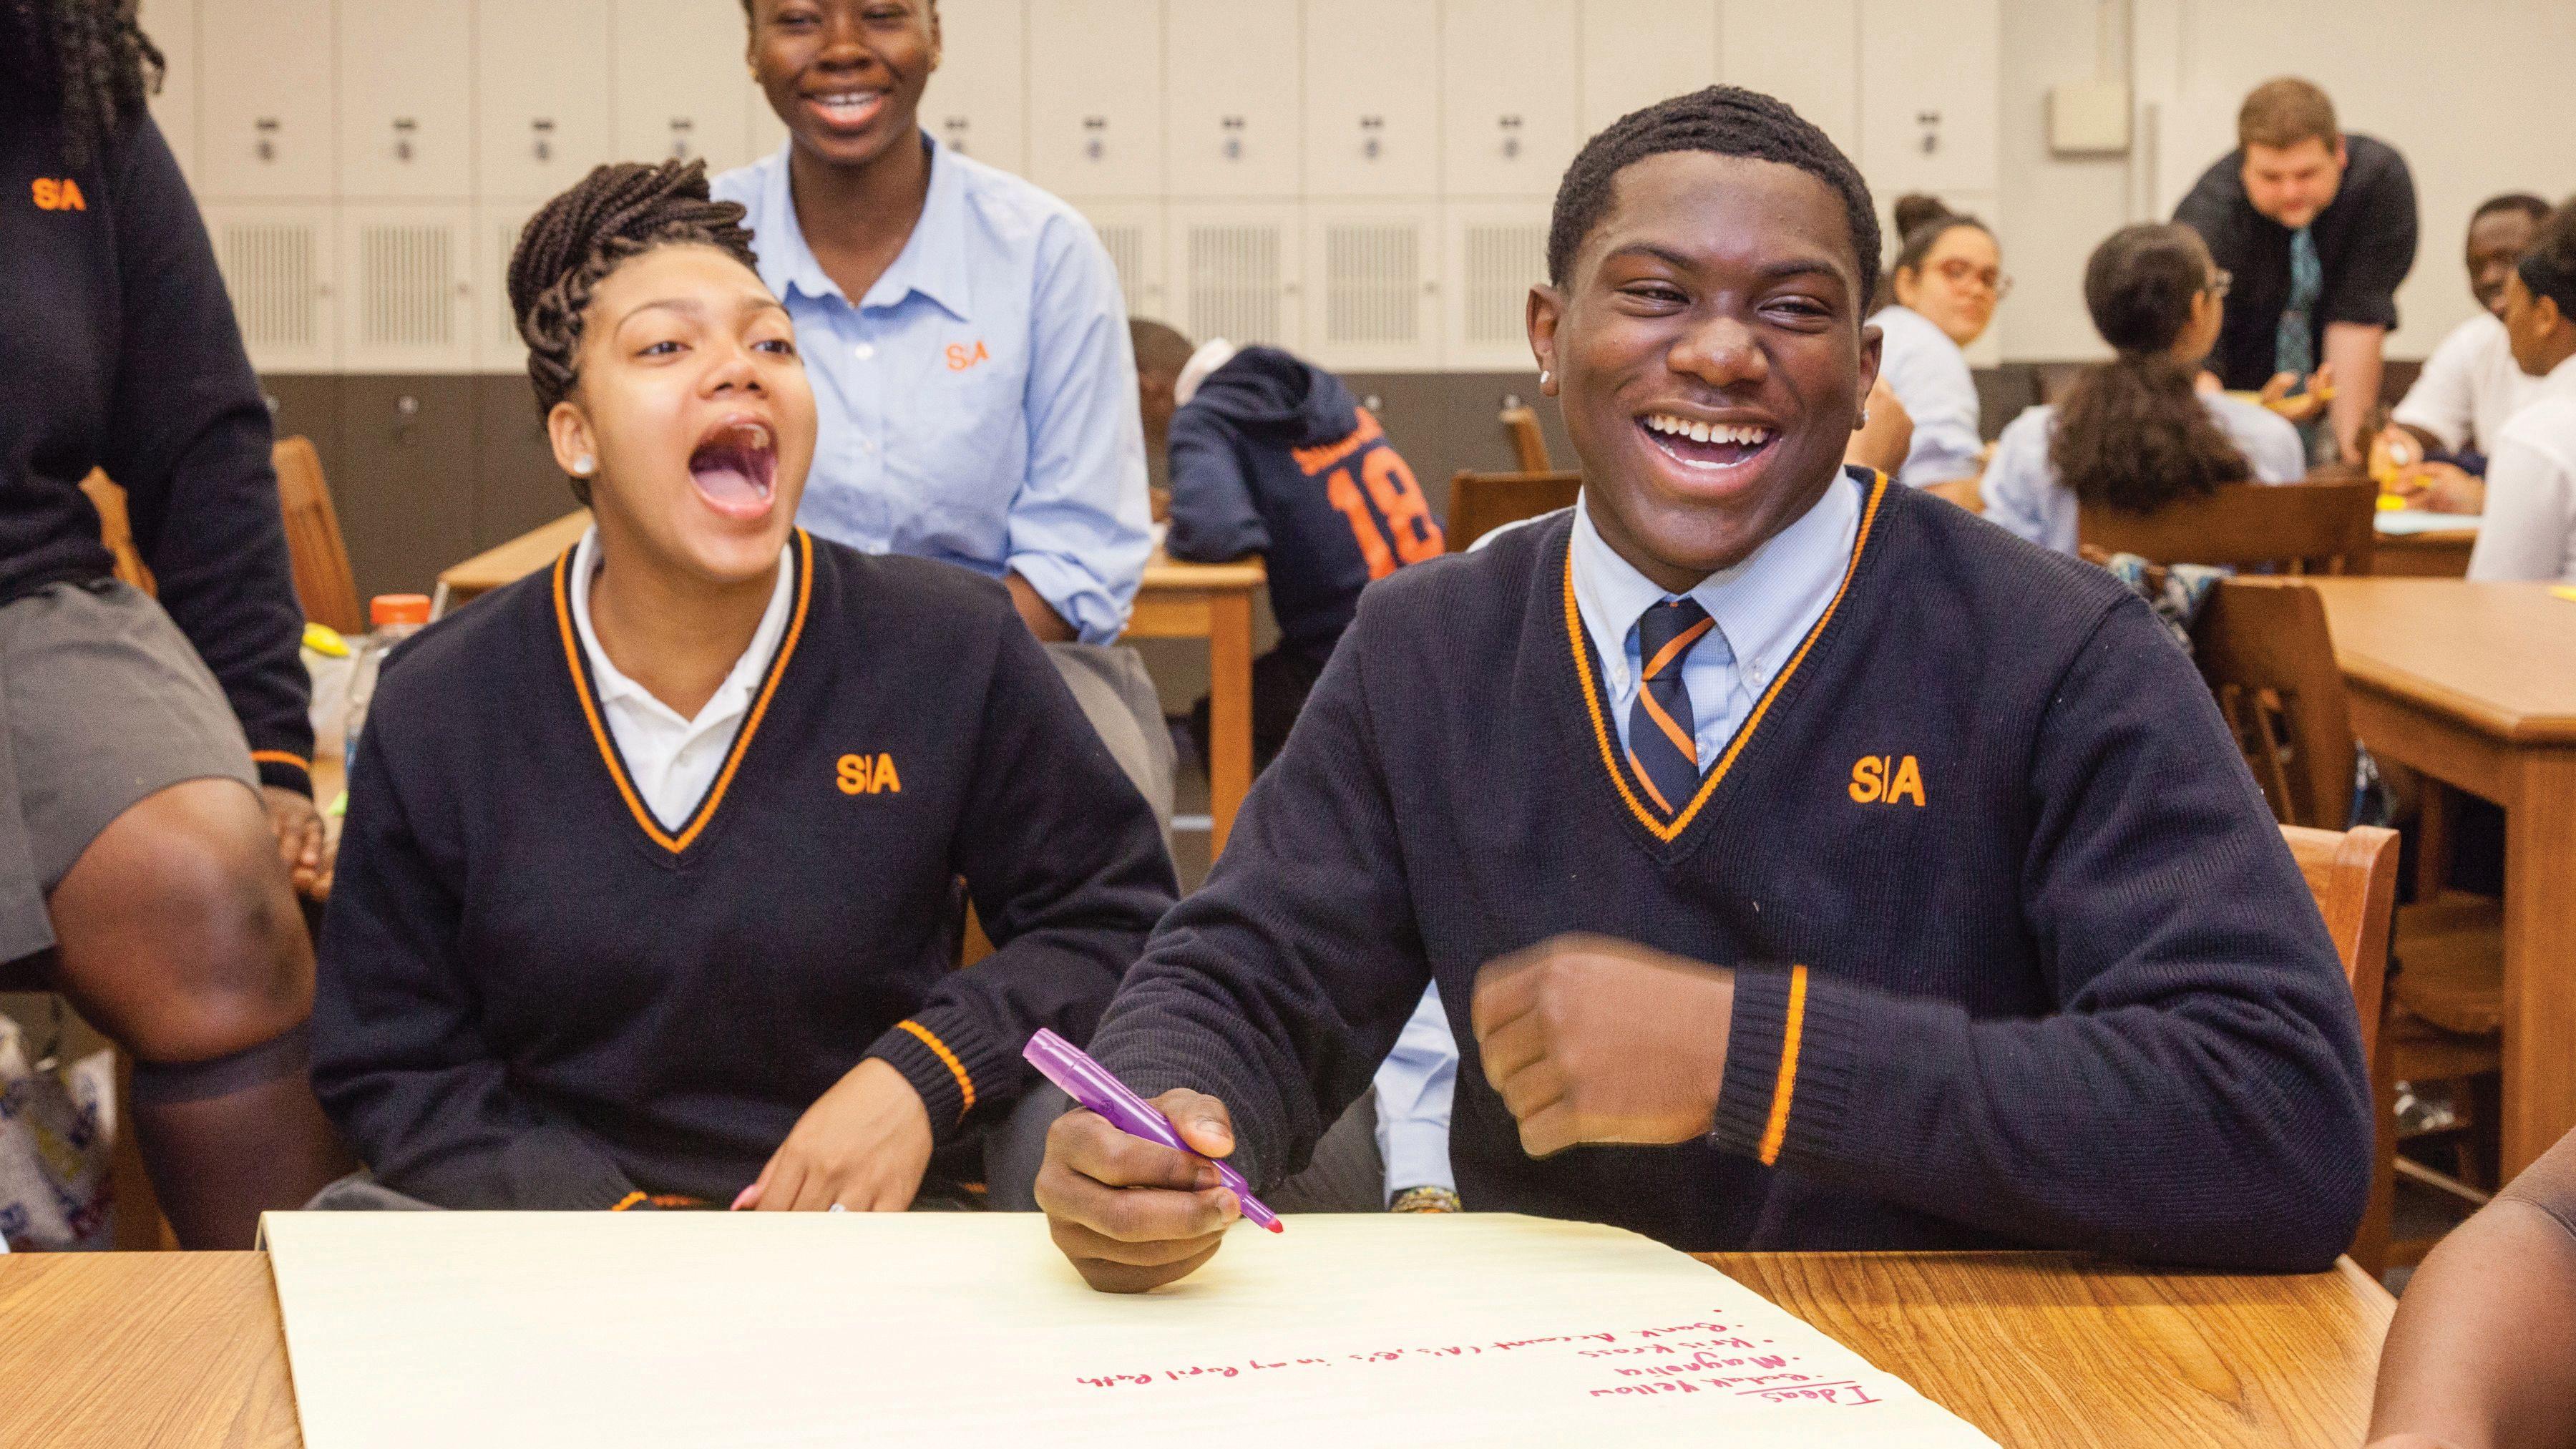 why is it important to wear school uniform